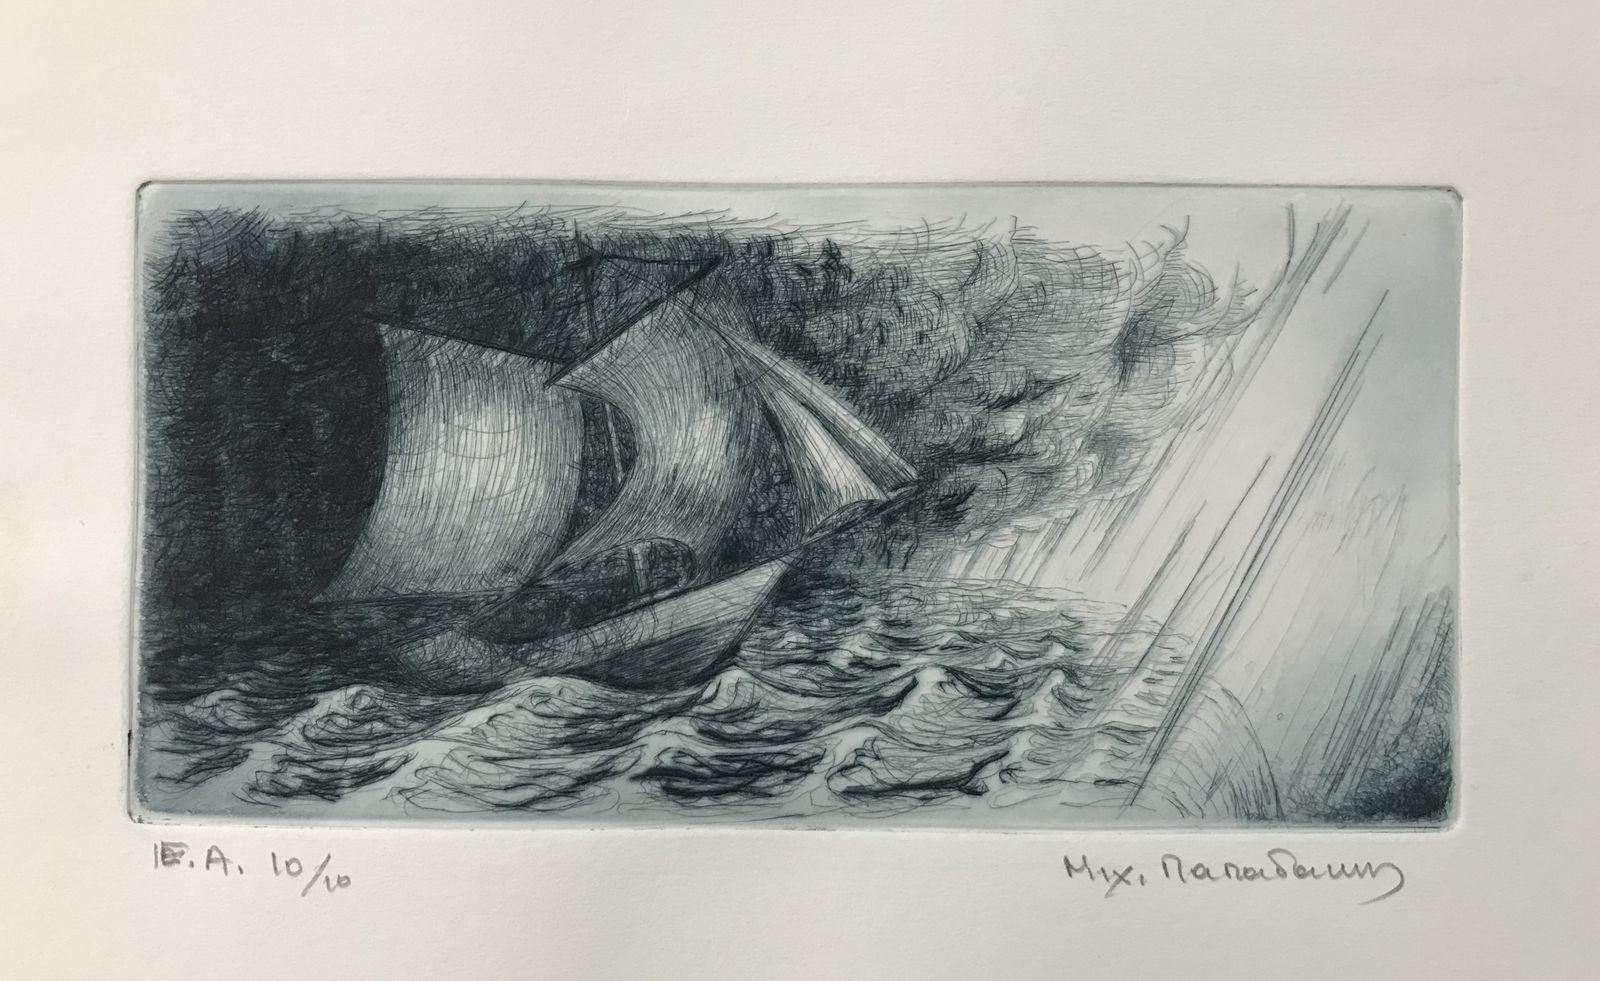 Μιχάλης Παπαδάκης 17×24 εκ. Χαρακτικό Mihalis Papadakis 17×24 cm Engraving(4)